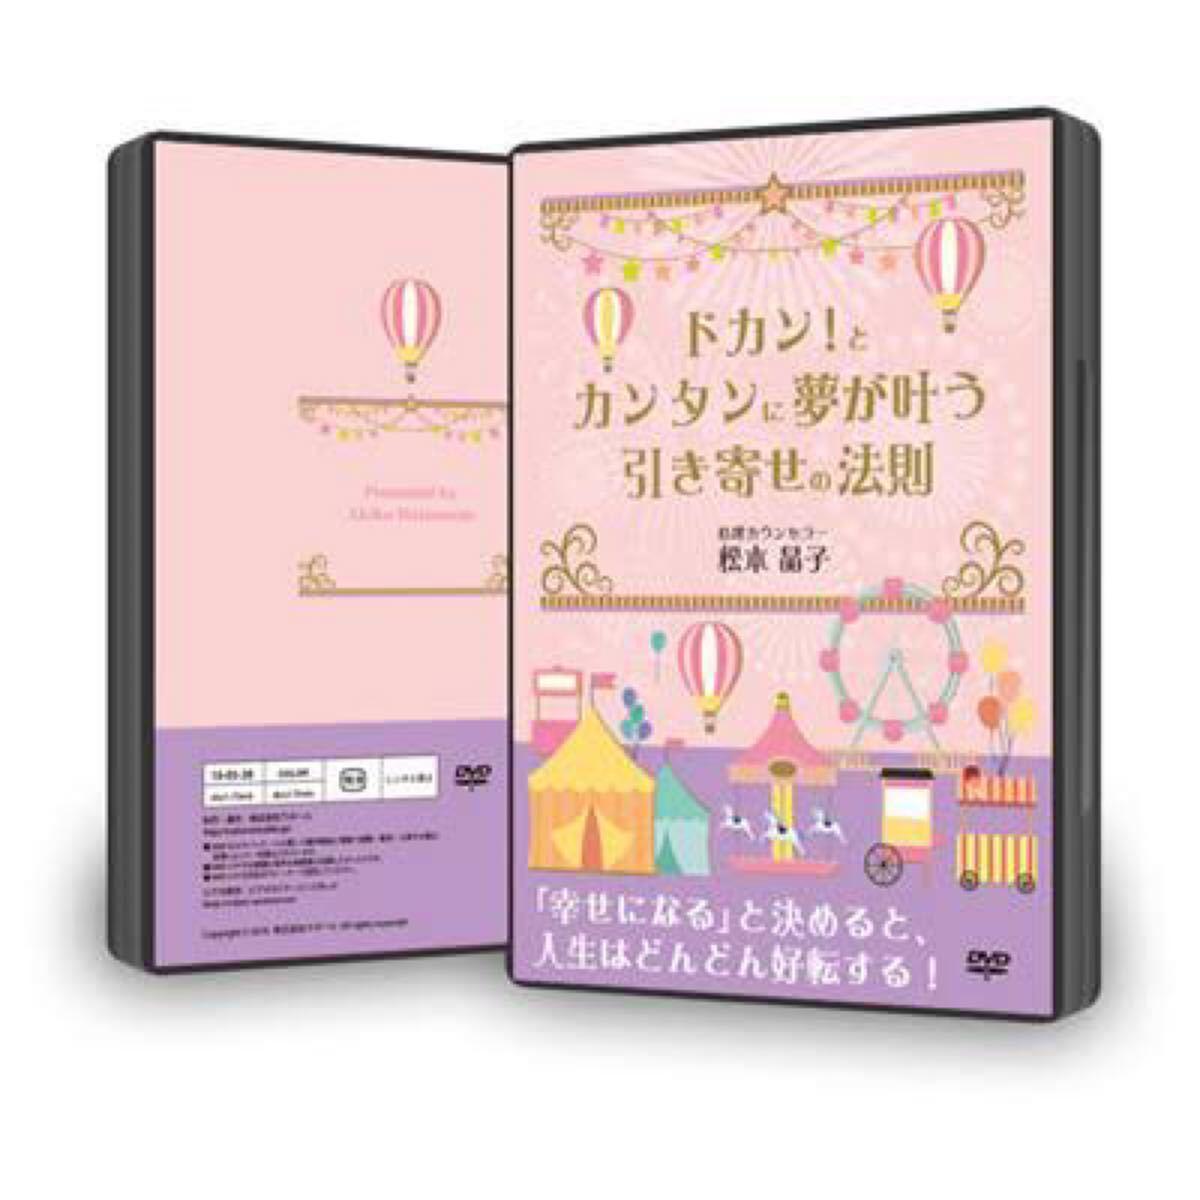 自己啓発DVD